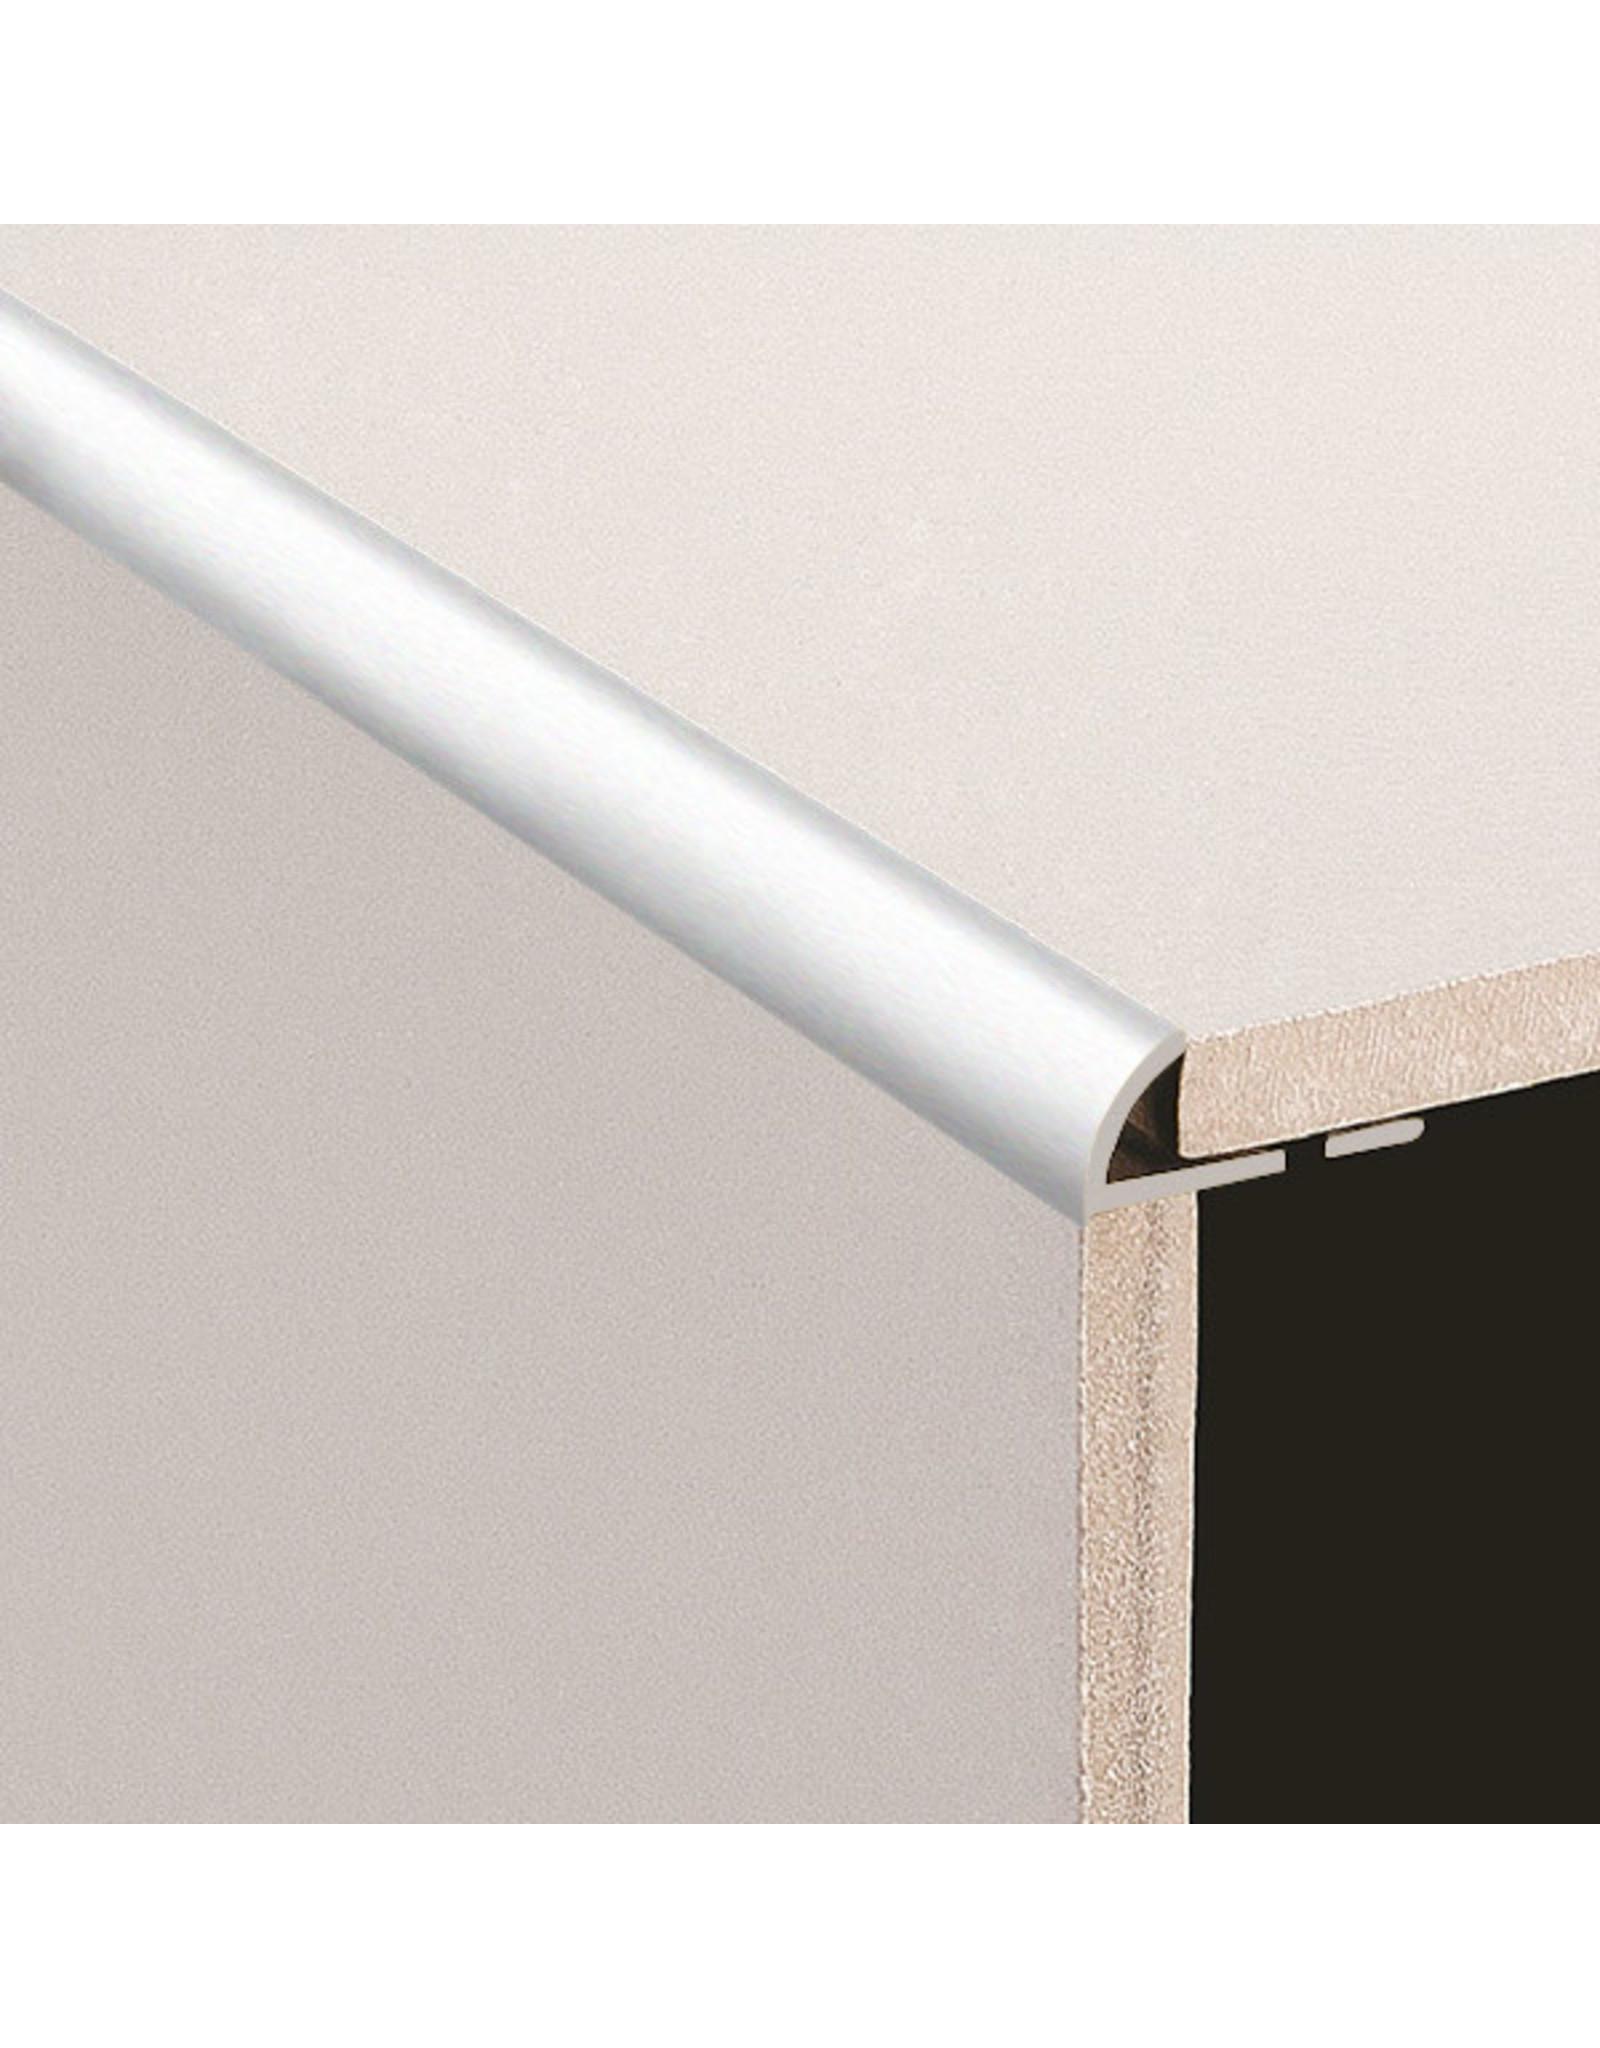 DTA 10mm DTA Aluminium Round Edge Trim Brushed Silver